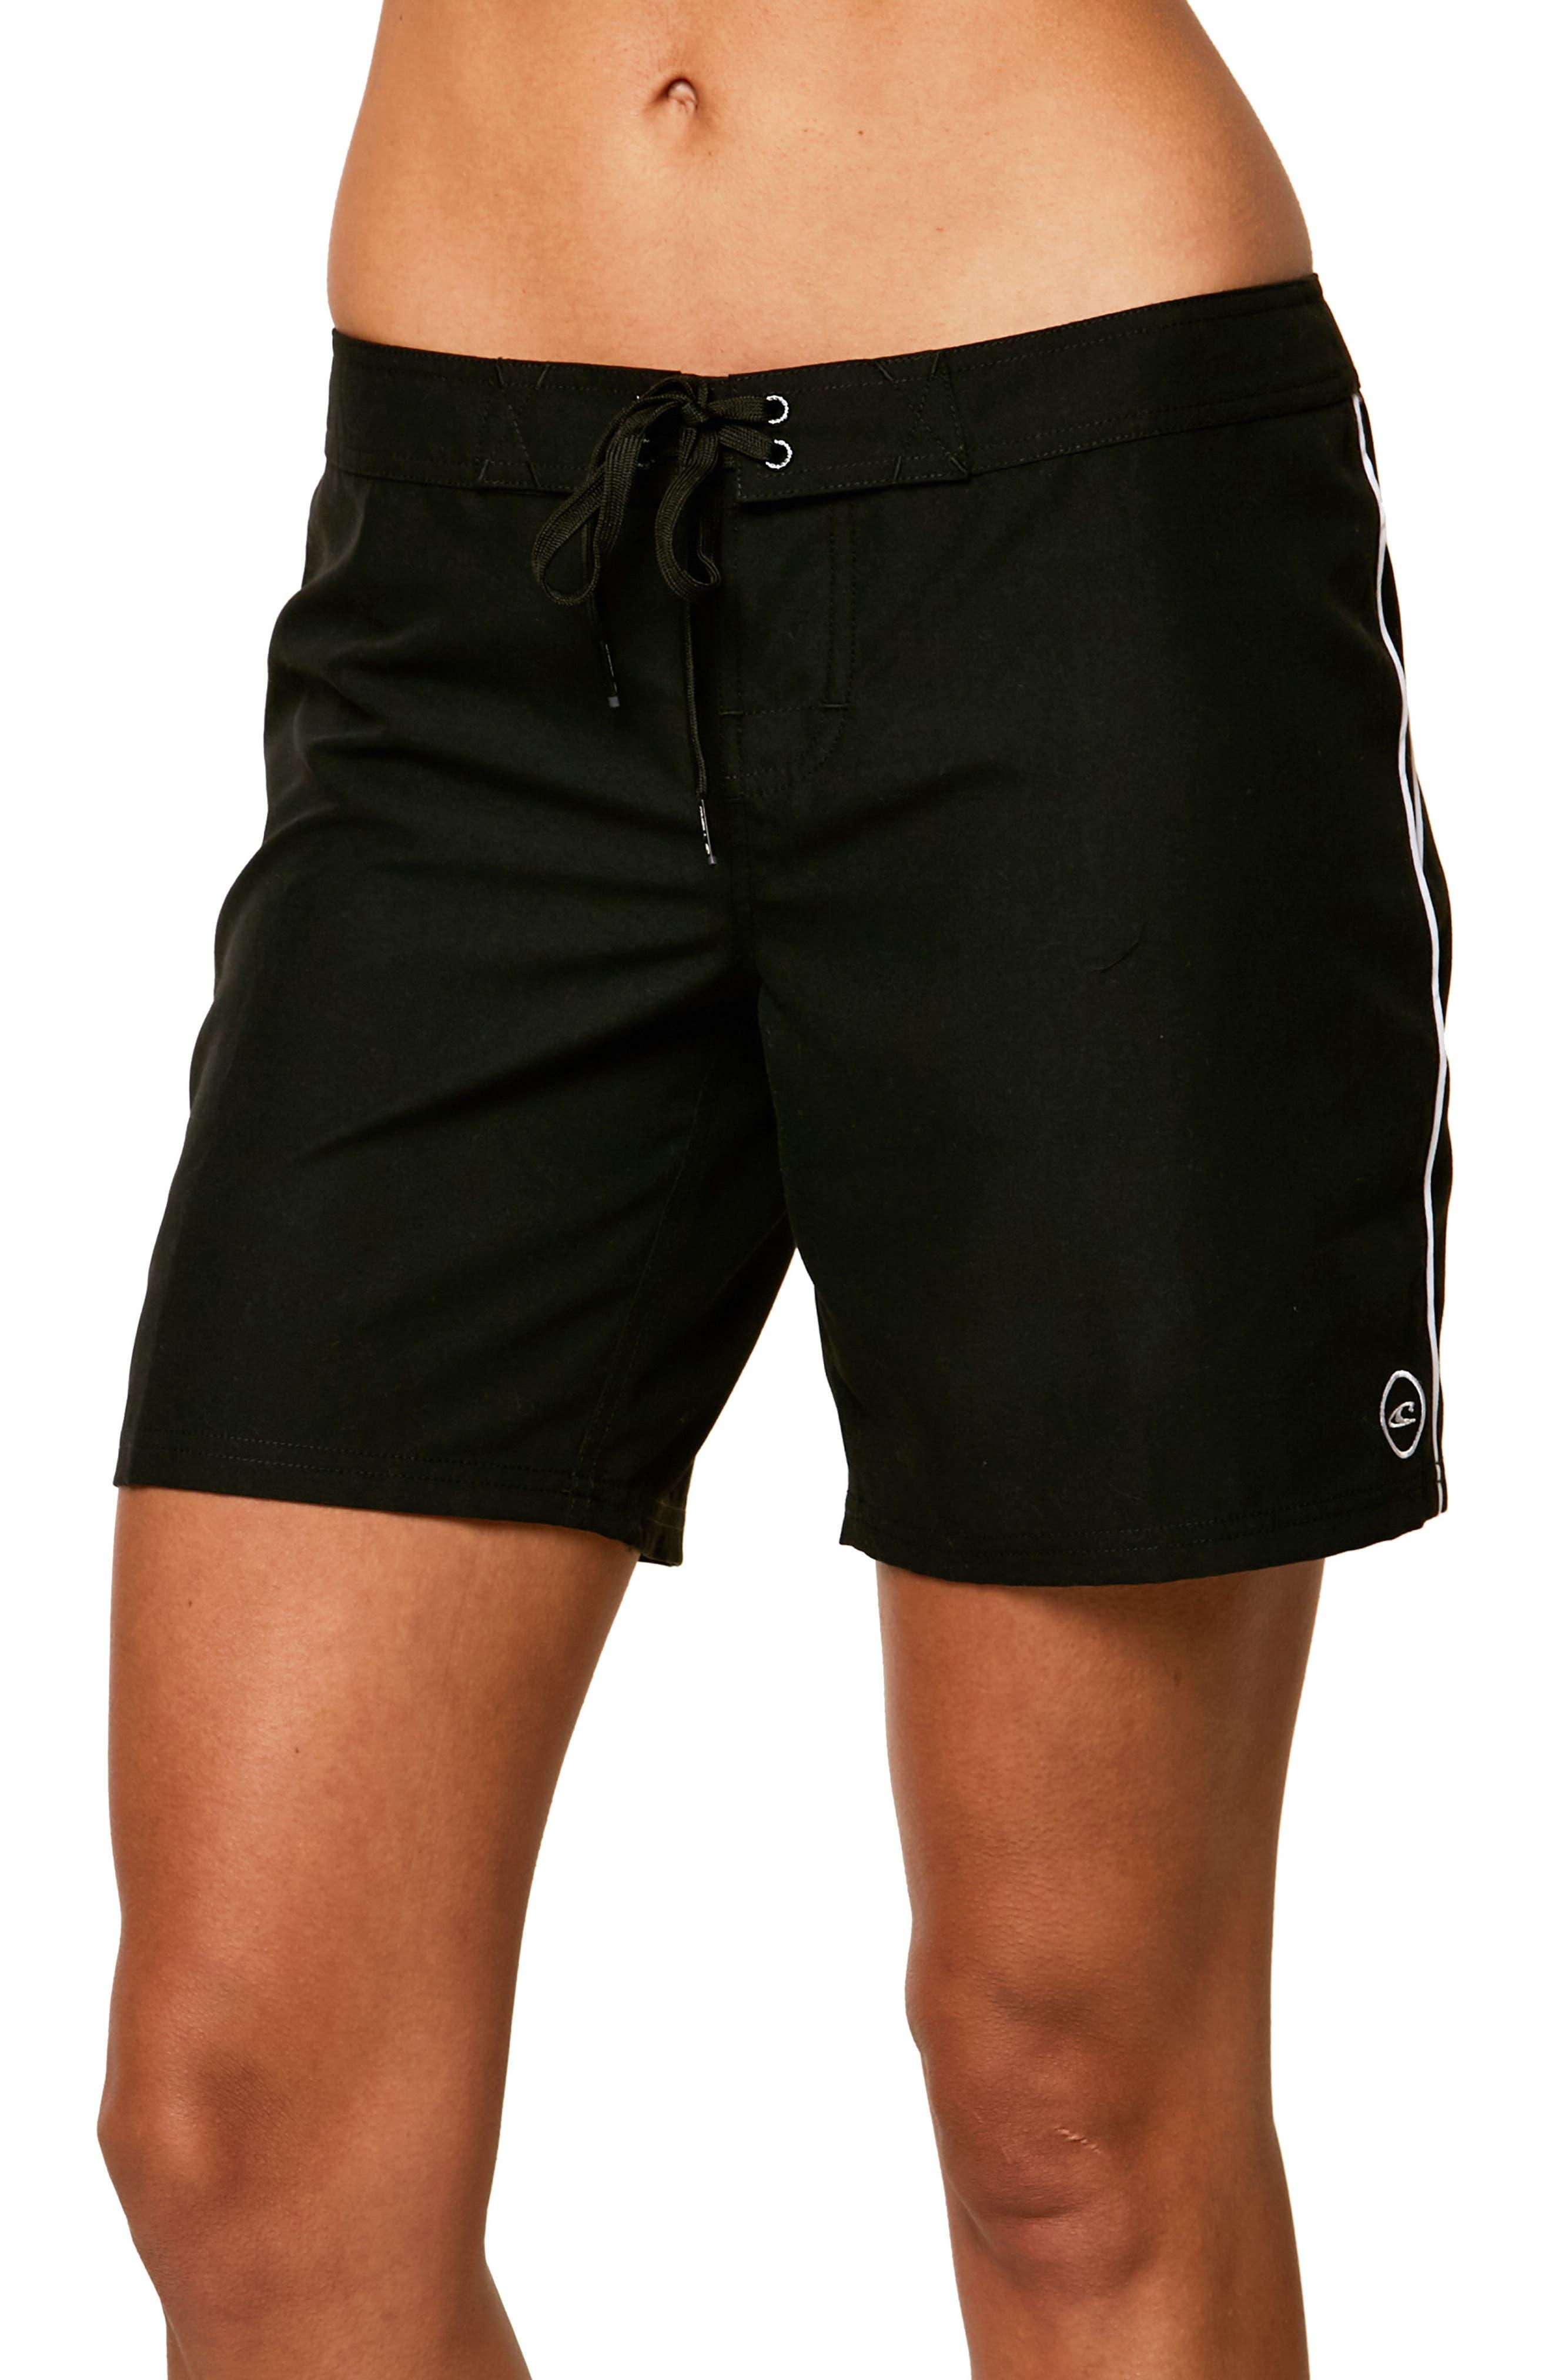 Salt Water Board Shorts,                         Main,                         color, 001